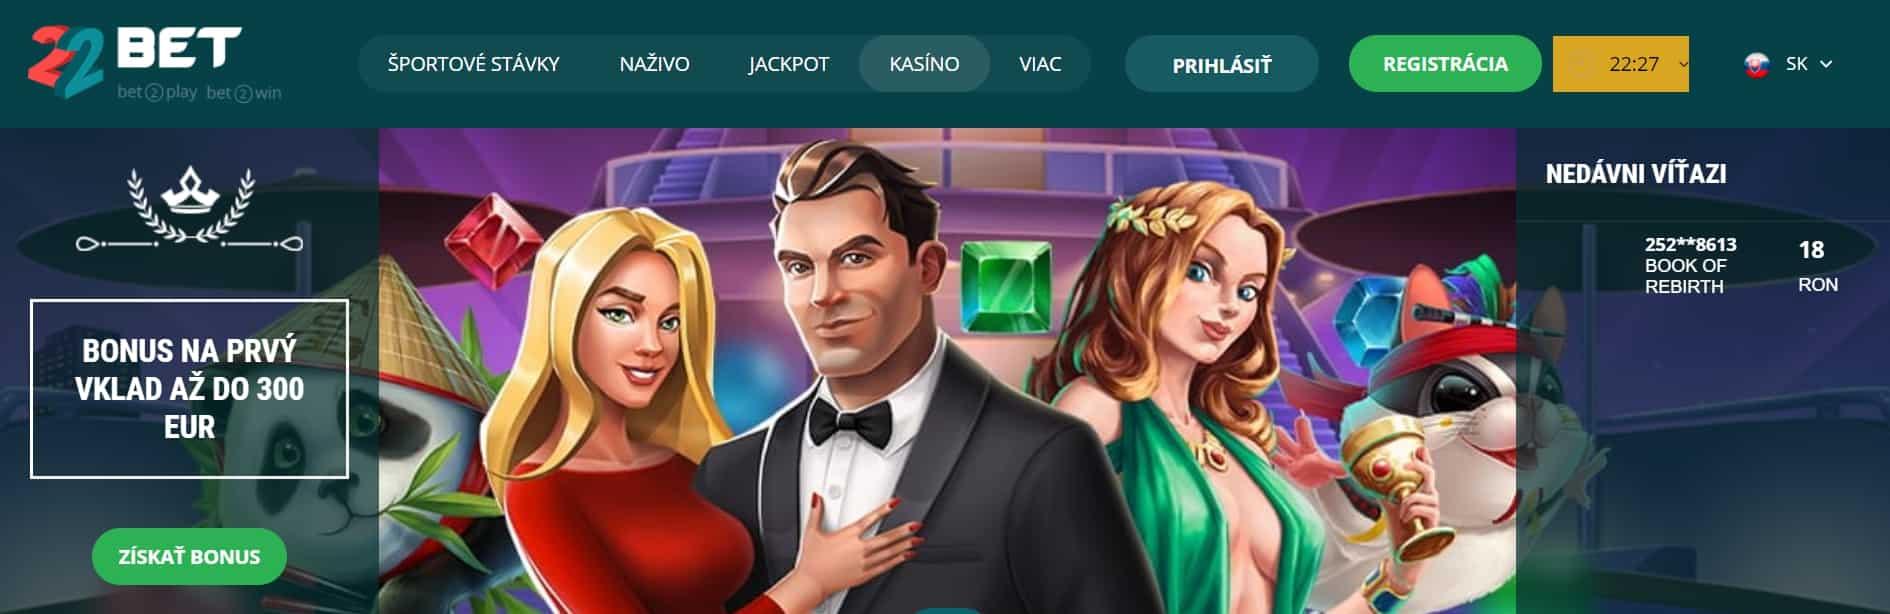 online spletna igralnica